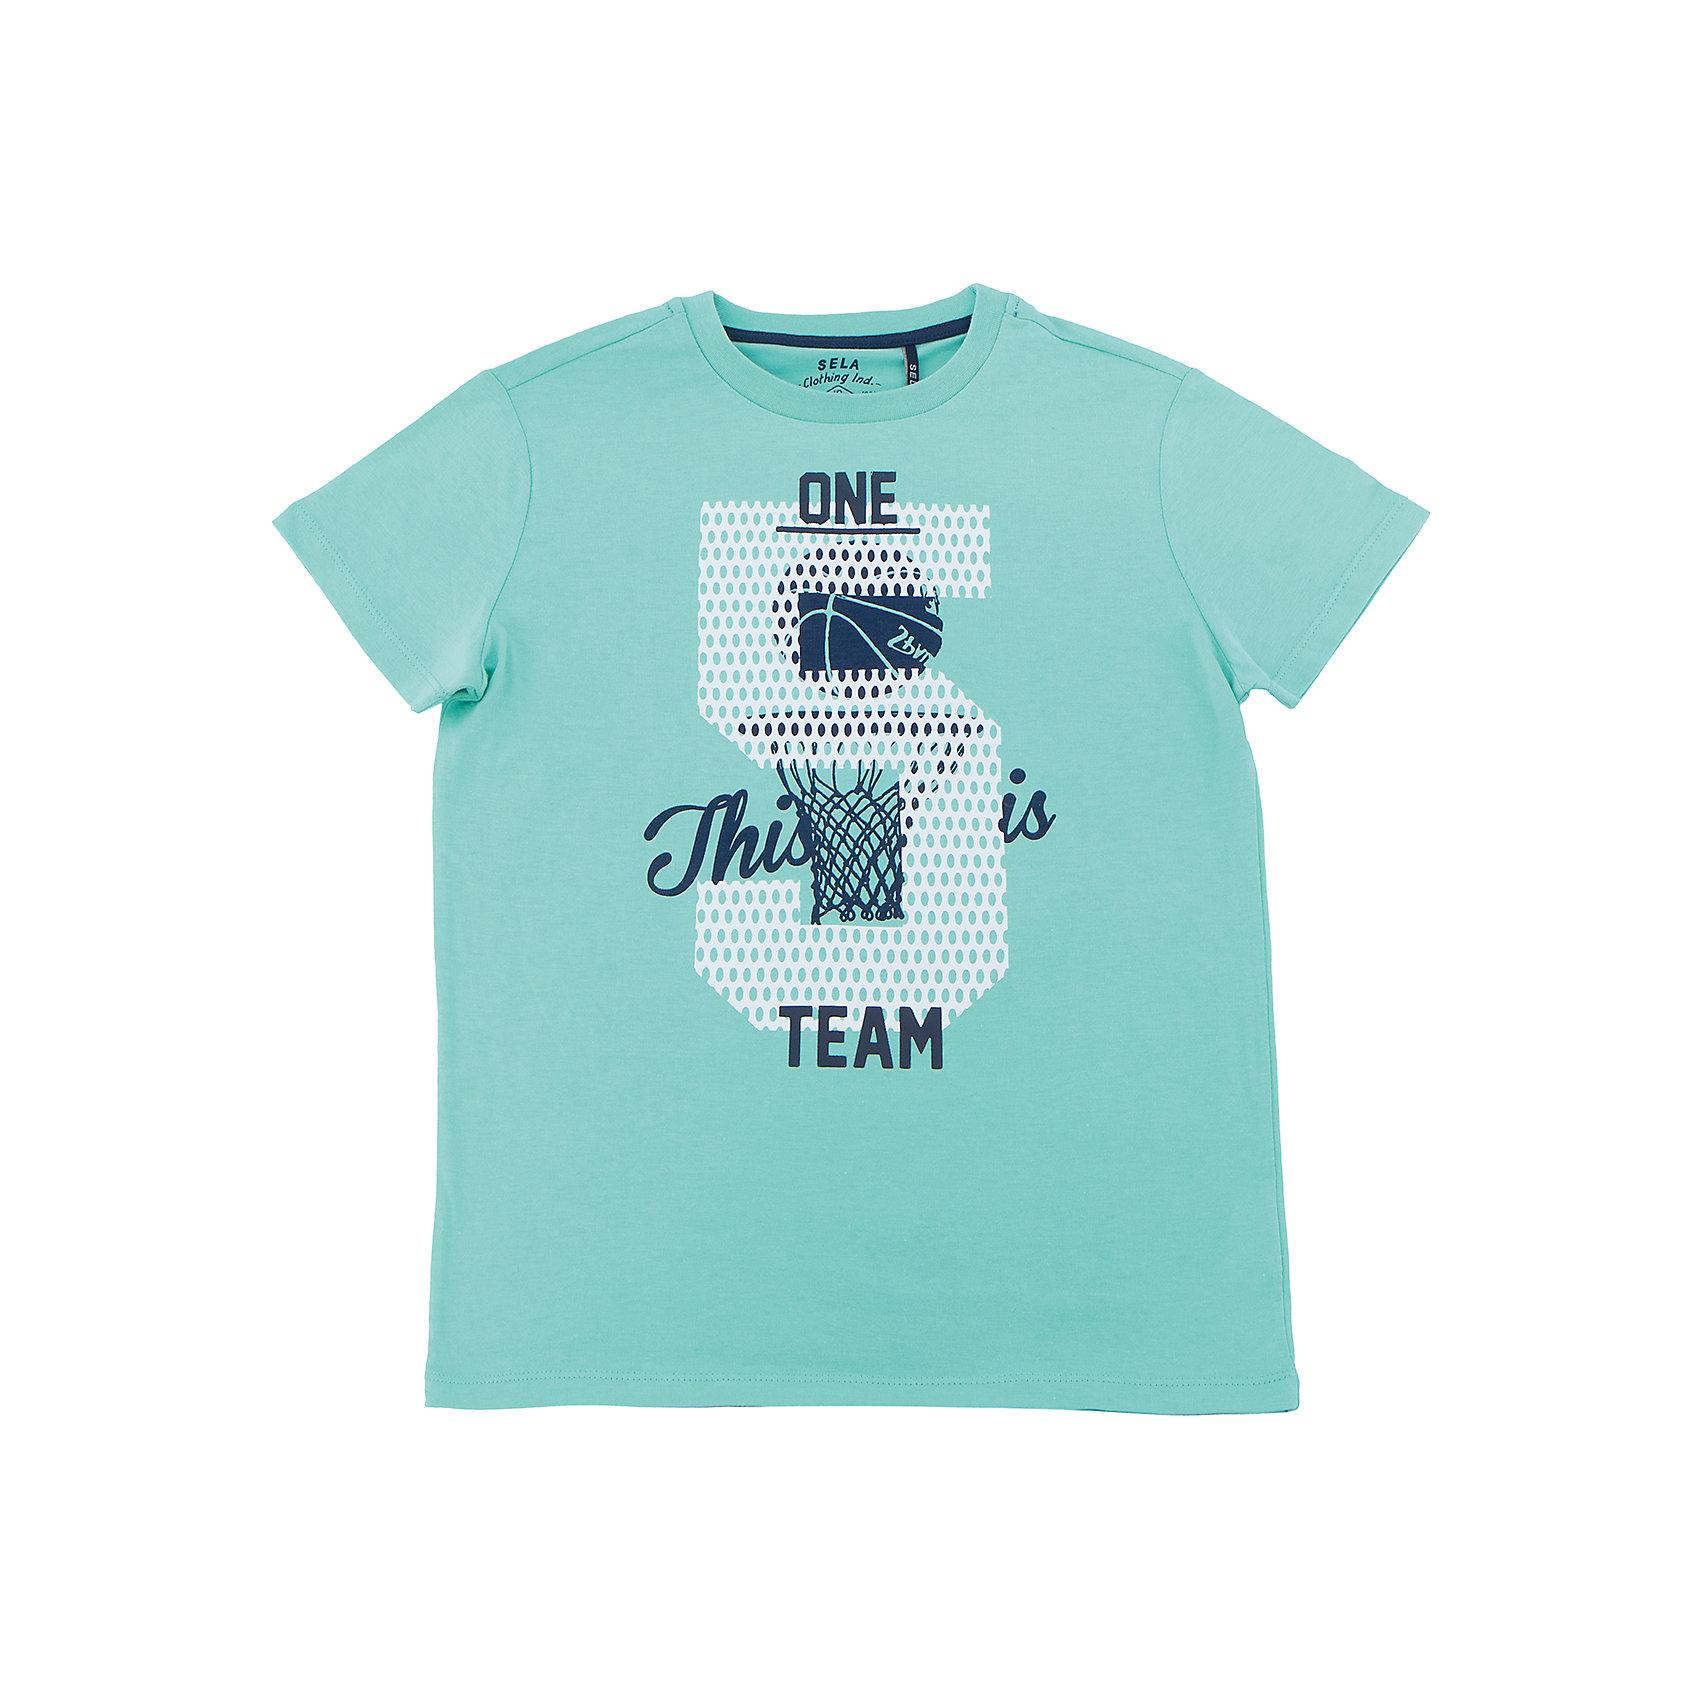 Футболка  для мальчика SELAХарактеристики товара:<br><br>• цвет: зеленый<br>• состав: 100% хлопок<br>• принт<br>• короткие рукава<br>• округлый горловой вырез<br>• коллекция весна-лето 2017<br>• страна бренда: Российская Федерация<br><br>В новой коллекции SELA отличные модели одежды! Эта футболка для мальчика поможет разнообразить гардероб ребенка и обеспечить комфорт. Она отлично сочетается с джинсами и брюками. В составе ткани -только дышащий гипоаллергенный хлопок!<br><br>Одежда, обувь и аксессуары от российского бренда SELA не зря пользуются большой популярностью у детей и взрослых! Модели этой марки - стильные и удобные, цена при этом неизменно остается доступной. Для их производства используются только безопасные, качественные материалы и фурнитура. Новая коллекция поддерживает хорошие традиции бренда! <br><br>Футболку для мальчика от популярного бренда SELA (СЕЛА) можно купить в нашем интернет-магазине.<br><br>Ширина мм: 230<br>Глубина мм: 40<br>Высота мм: 220<br>Вес г: 250<br>Цвет: зеленый<br>Возраст от месяцев: 108<br>Возраст до месяцев: 120<br>Пол: Мужской<br>Возраст: Детский<br>Размер: 140,134,146,152,116,122,128<br>SKU: 5304168